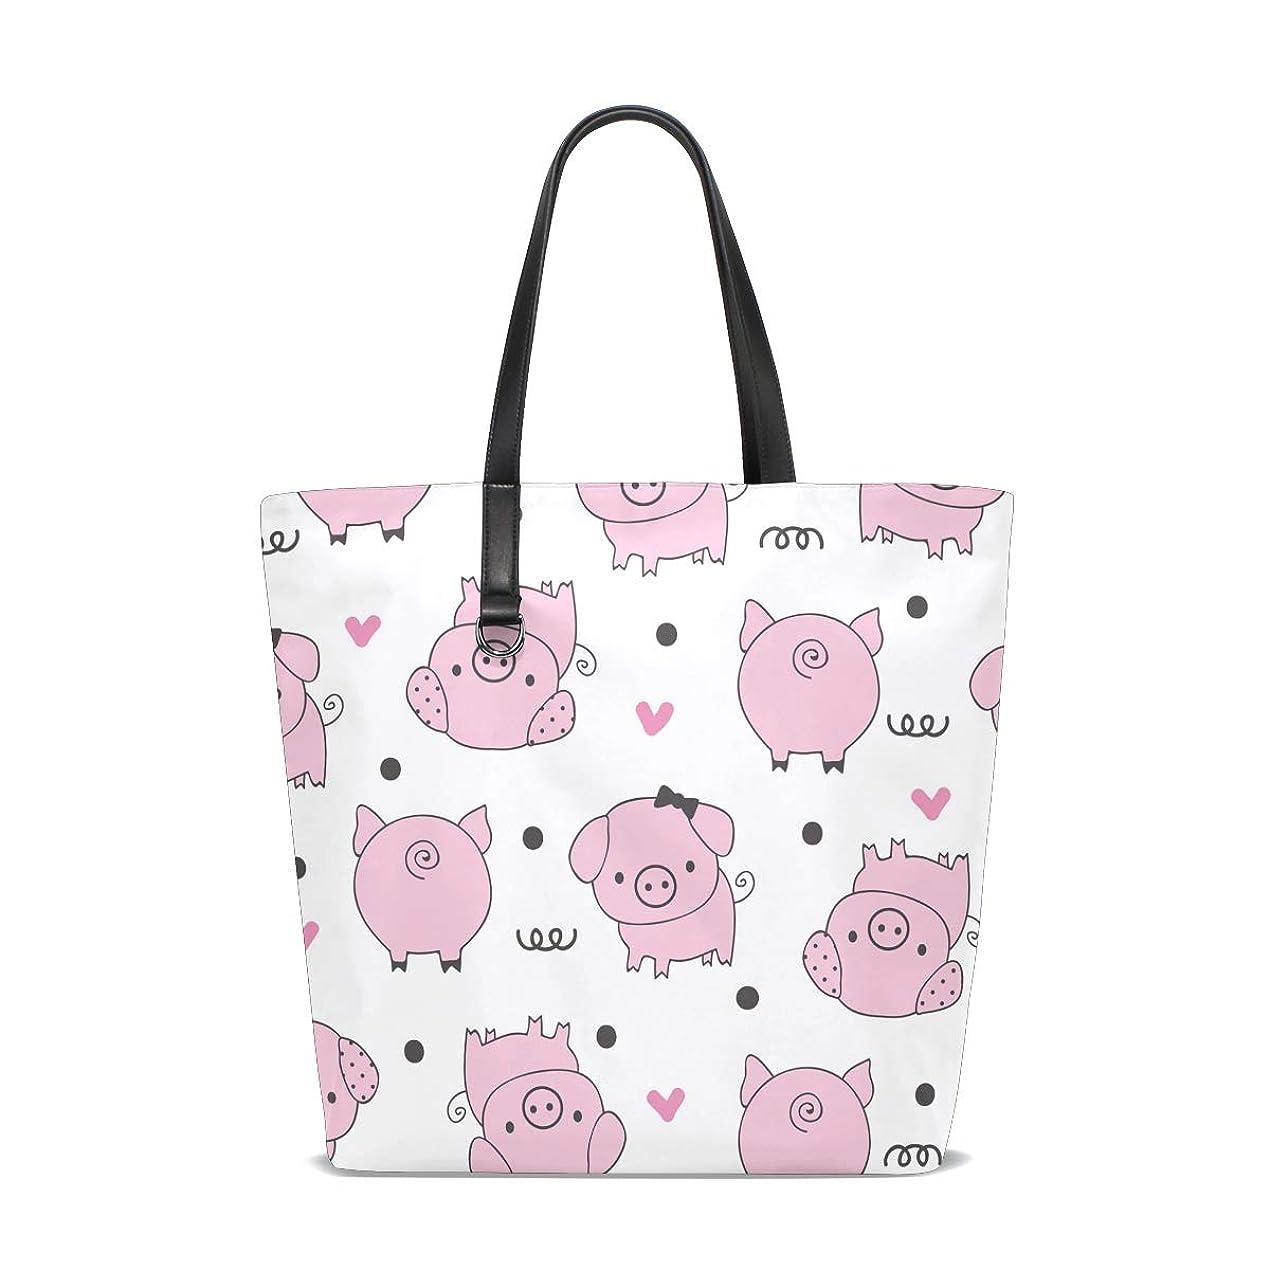 警報スイ辞任するトートバッグ かばん ポリエステル+レザー ブタ 豚柄 ピンク 両面使える 大容量 通勤通学 メンズ レディース